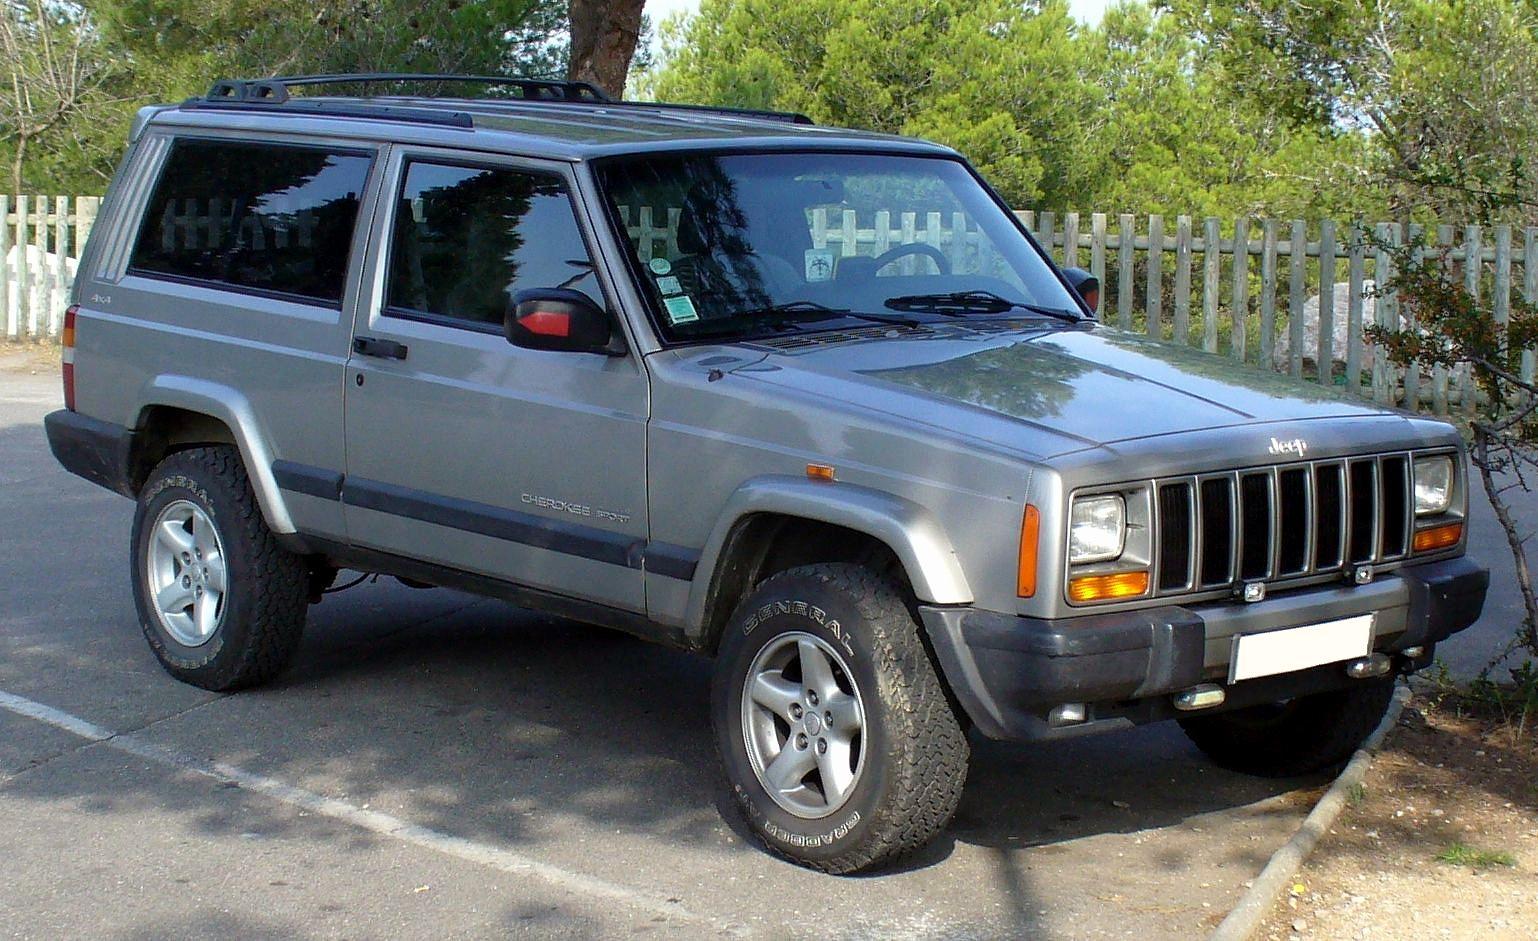 2001 Jeep Cherokee #27 Jeep Cherokee #27